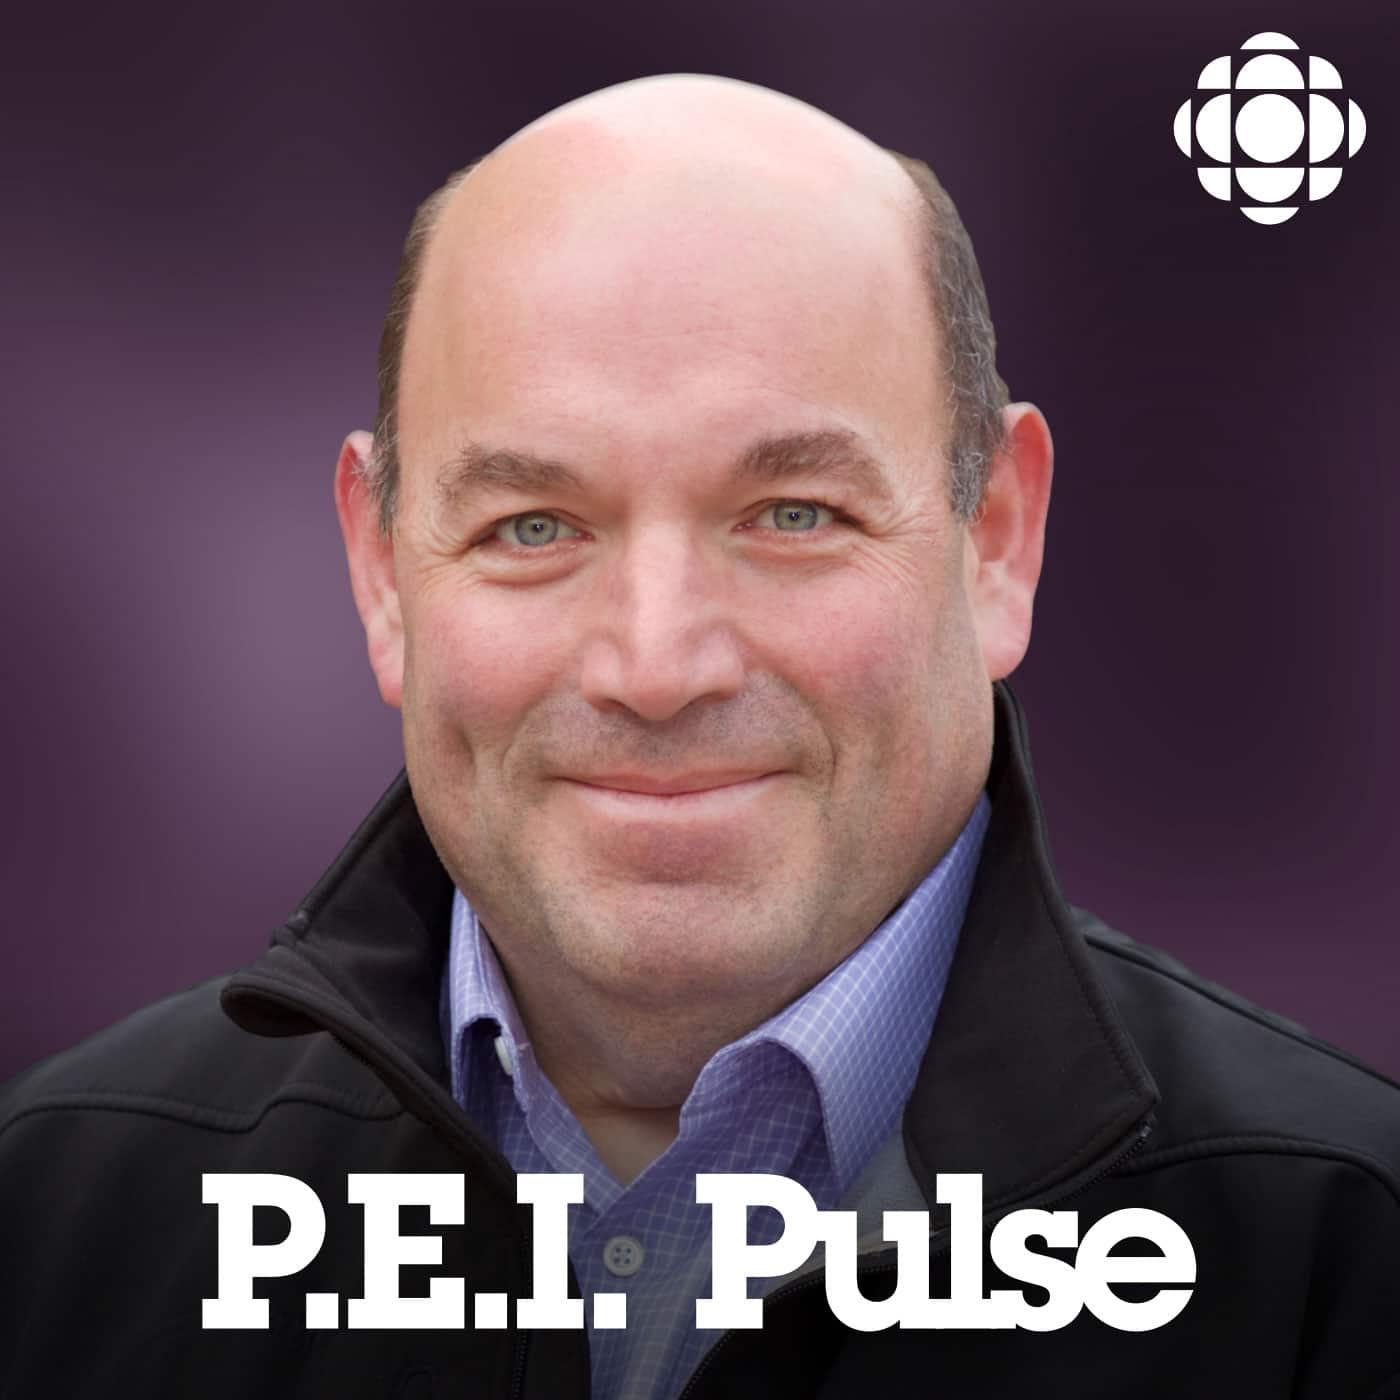 P.E.I. Pulse